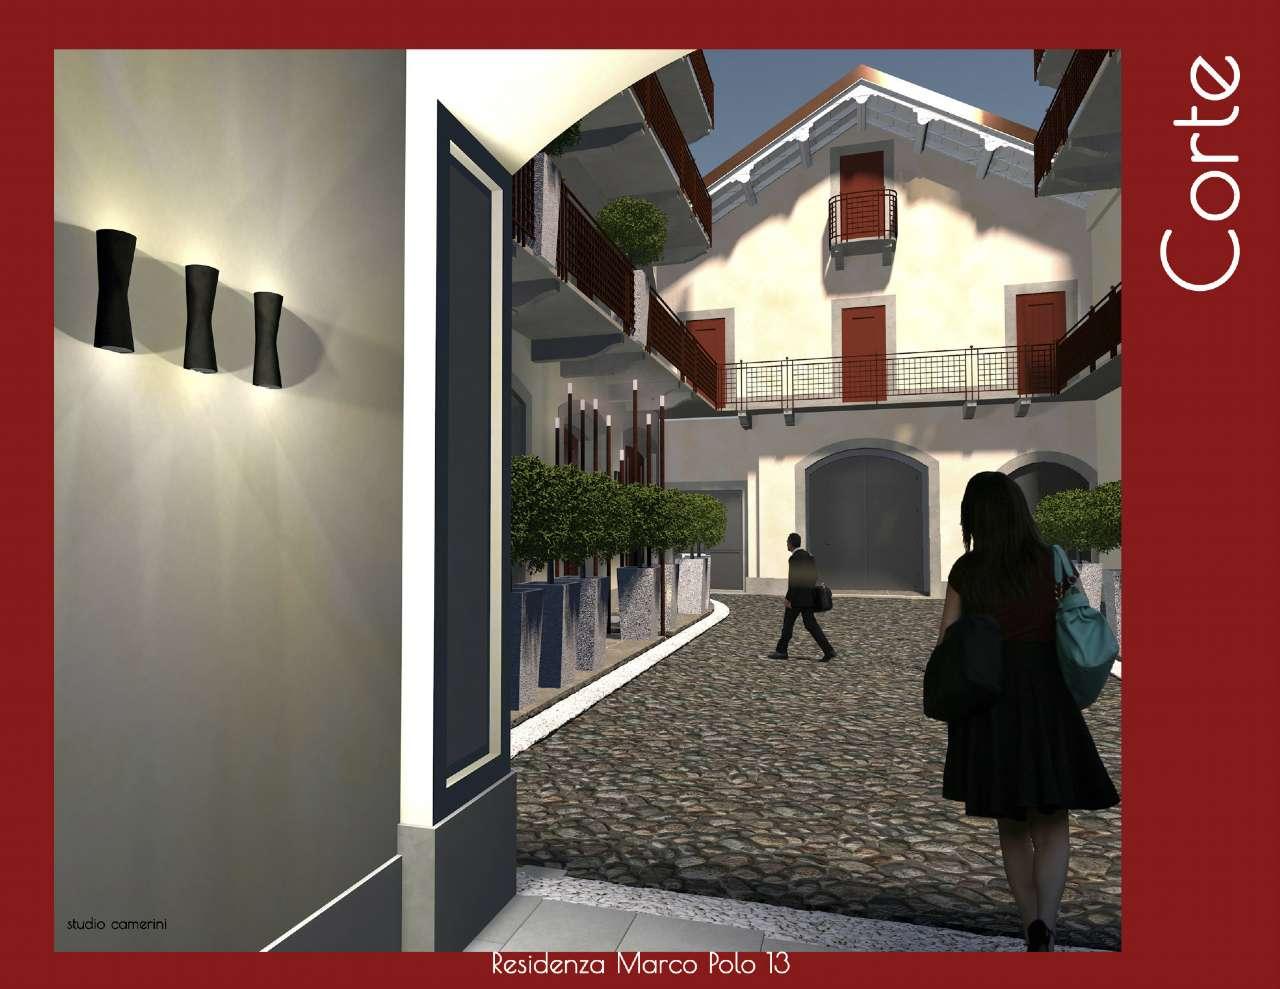 Appartamento in vendita a Milano, 3 locali, zona Zona: 2 . Repubblica, Stazione Centrale, P.ta Nuova, B. Marcello, prezzo € 650.000 | Cambio Casa.it